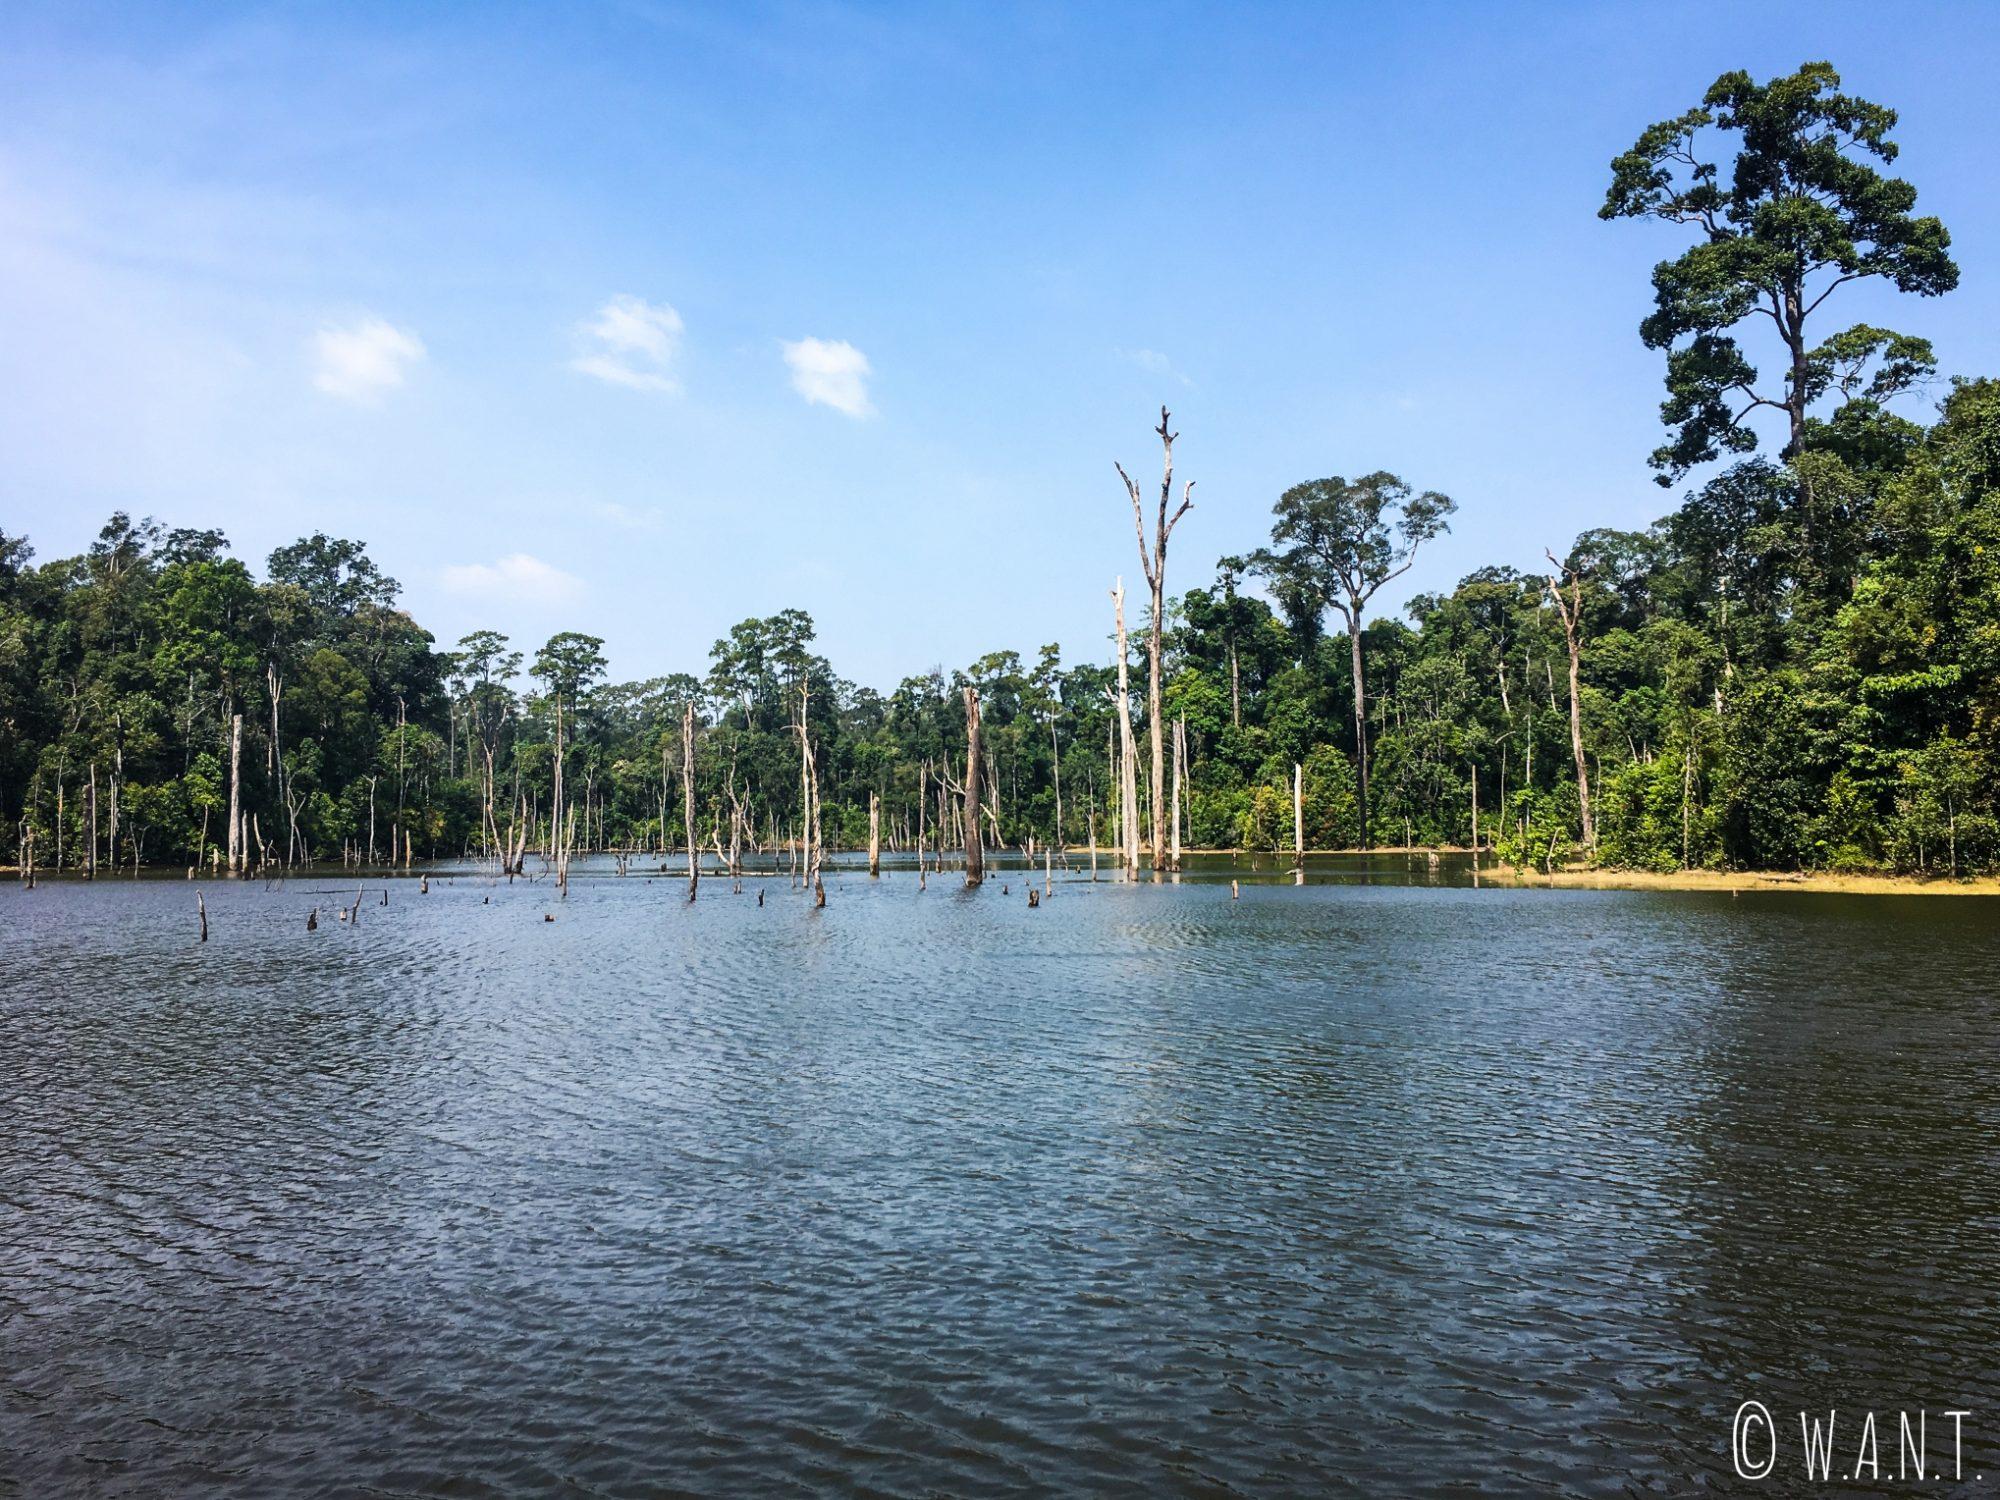 Le réservoir de la rivière Nam Theun a été créé suite à l'inondation de la région